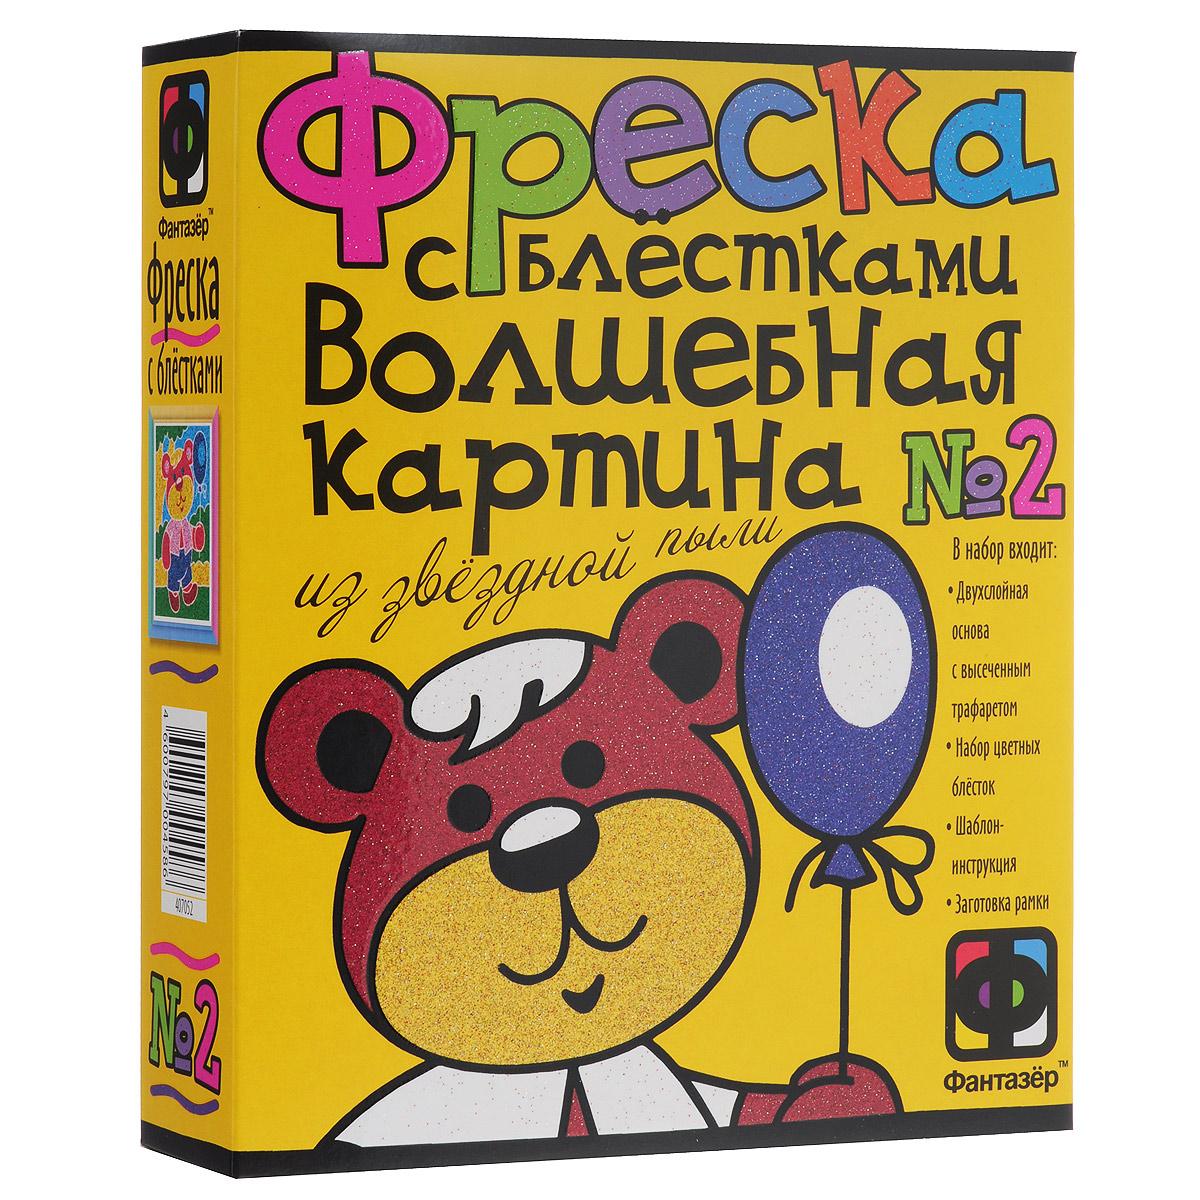 Набор для создания фрески Фантазер Волшебная картина: Медвежонок407052С набором для создания фрески Фантазер Медвежонок серии Волшебная картина ваш ребенок сможет изготовить удивительную картину из цветных блесток! В набор входят: блестки 8 цветов (зеленый, белый, голубой, розовый, синий, желтый, коричневый, рыжий), специальная двухслойная основа, заготовка рамки, шаблон, кисточка, салфетка, 2 деревянные шпажки, двусторонний скотч. Малыш без труда создаст необычную песчаную картину, которая будет отличным украшением комнаты или кабинета и объектом гордости вашего ребенка. Процесс создания картины из блесток прост и увлекателен - достаточно отклеить защитный слой с каждого элемента с помощью деревянных шпажек и засыпать его блестками разных цветов с помощью кисточки, ориентируясь на изображение на обратной стороне упаковки. Переходите от мелких элементов к более крупным. А с помощью салфетки вы сможете стряхнуть лишние блестки. Готовую картинку с изображением милого медвежонка можно оформить входящей в комплект сборной рамкой с...